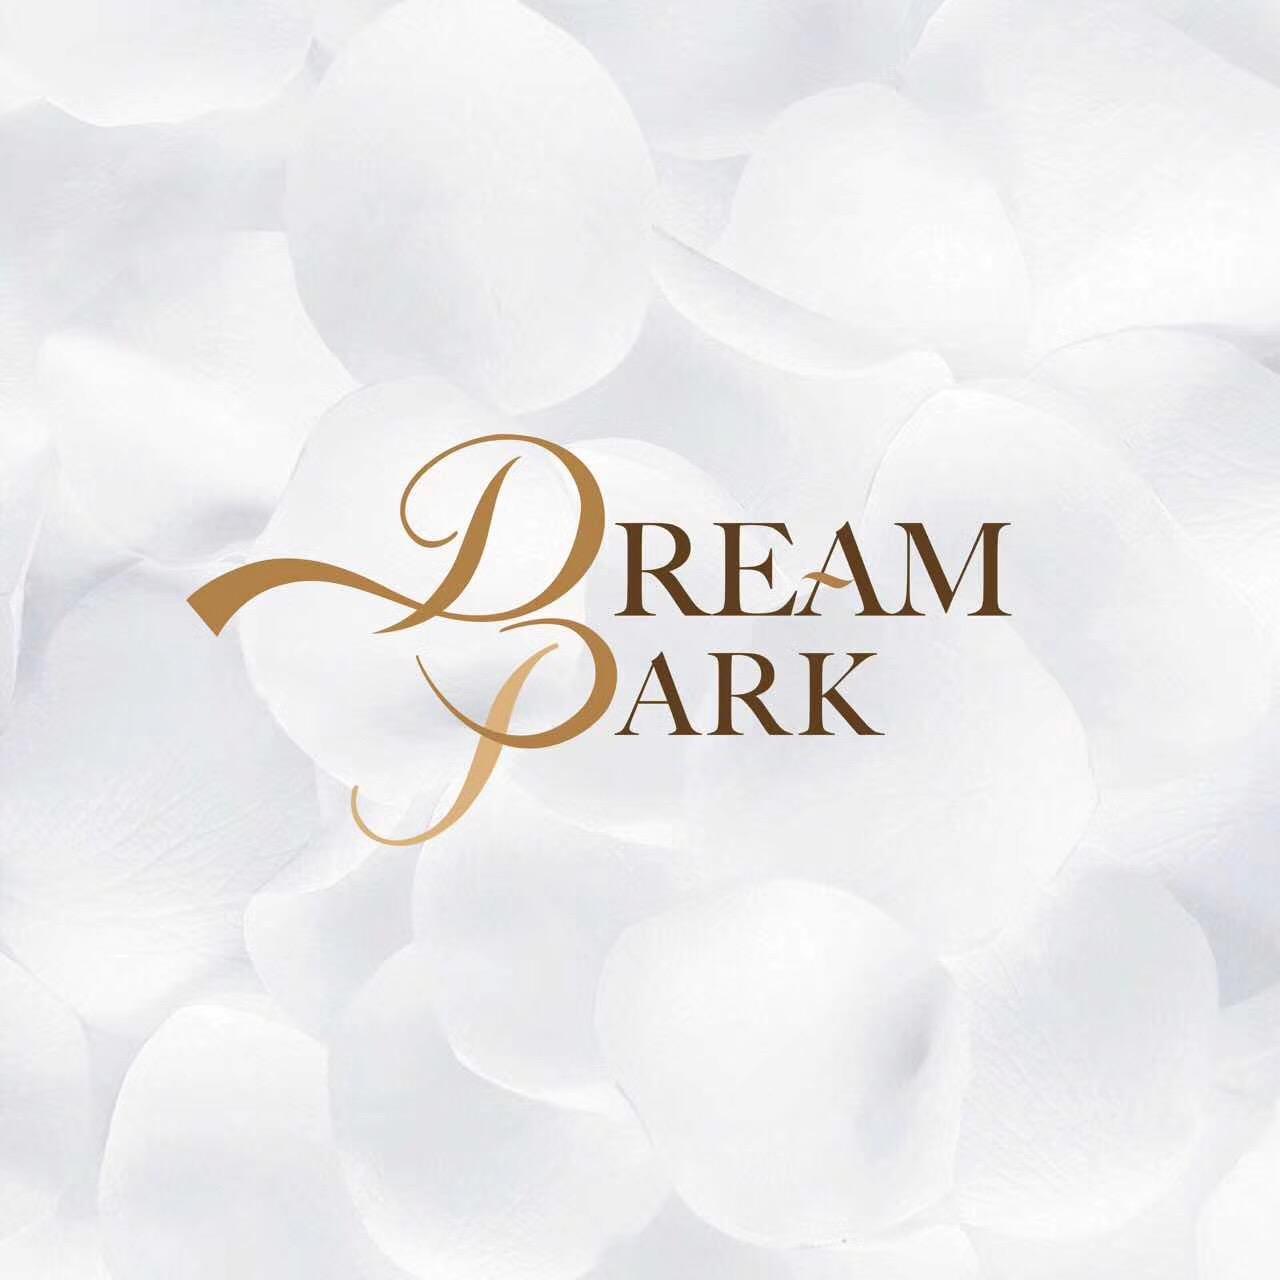 DreamPark梦公园婚礼企划